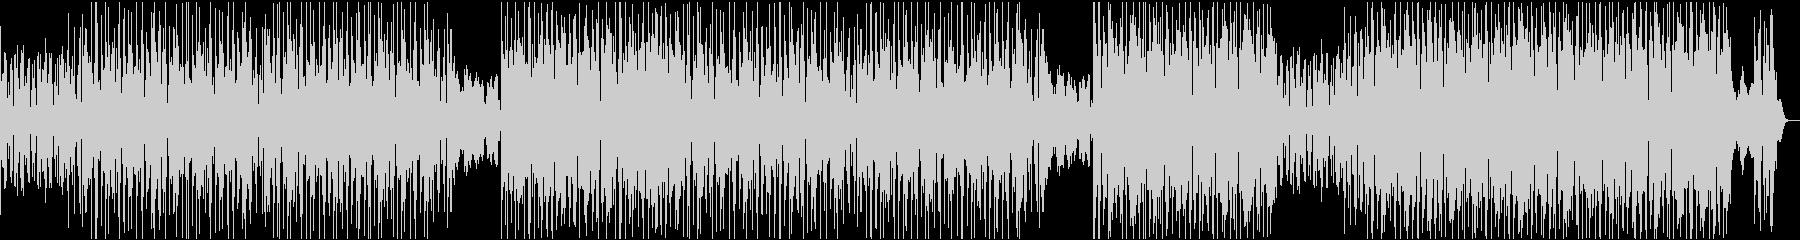 センチメンタルなヒップホップの未再生の波形